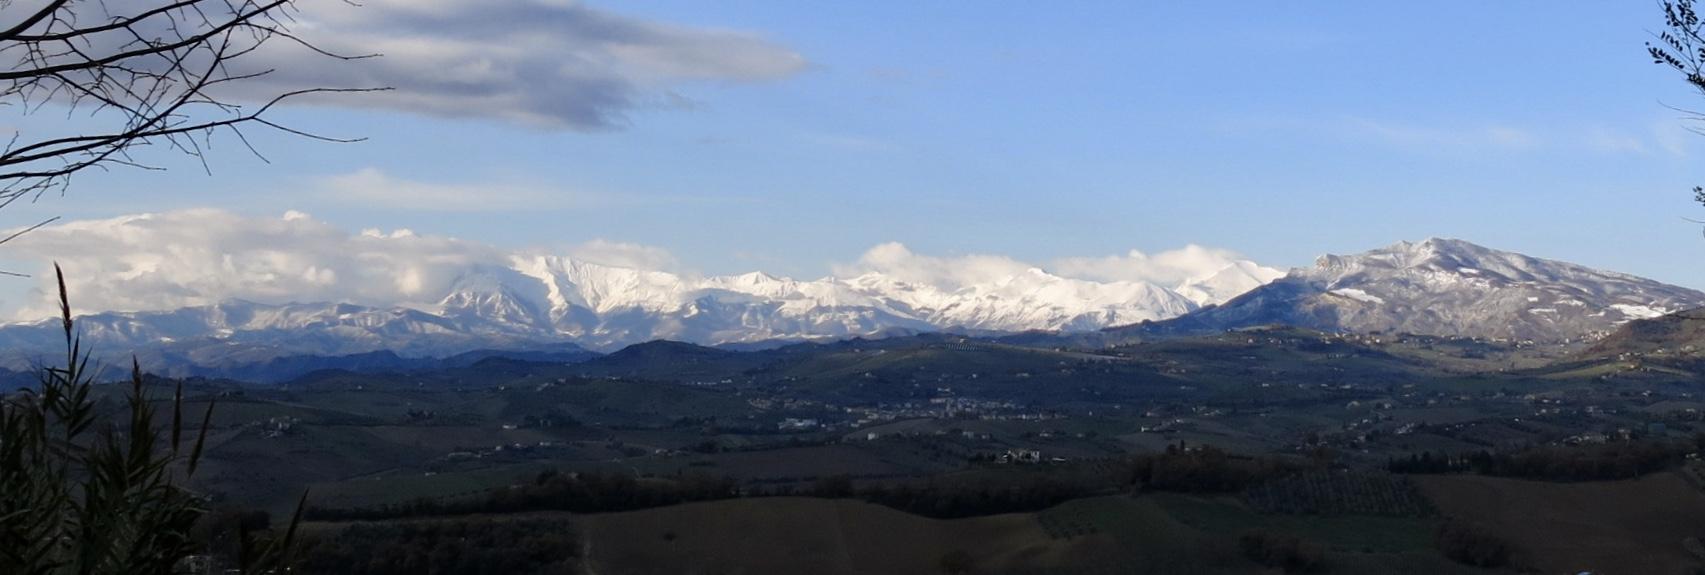 Vista of Le Marche